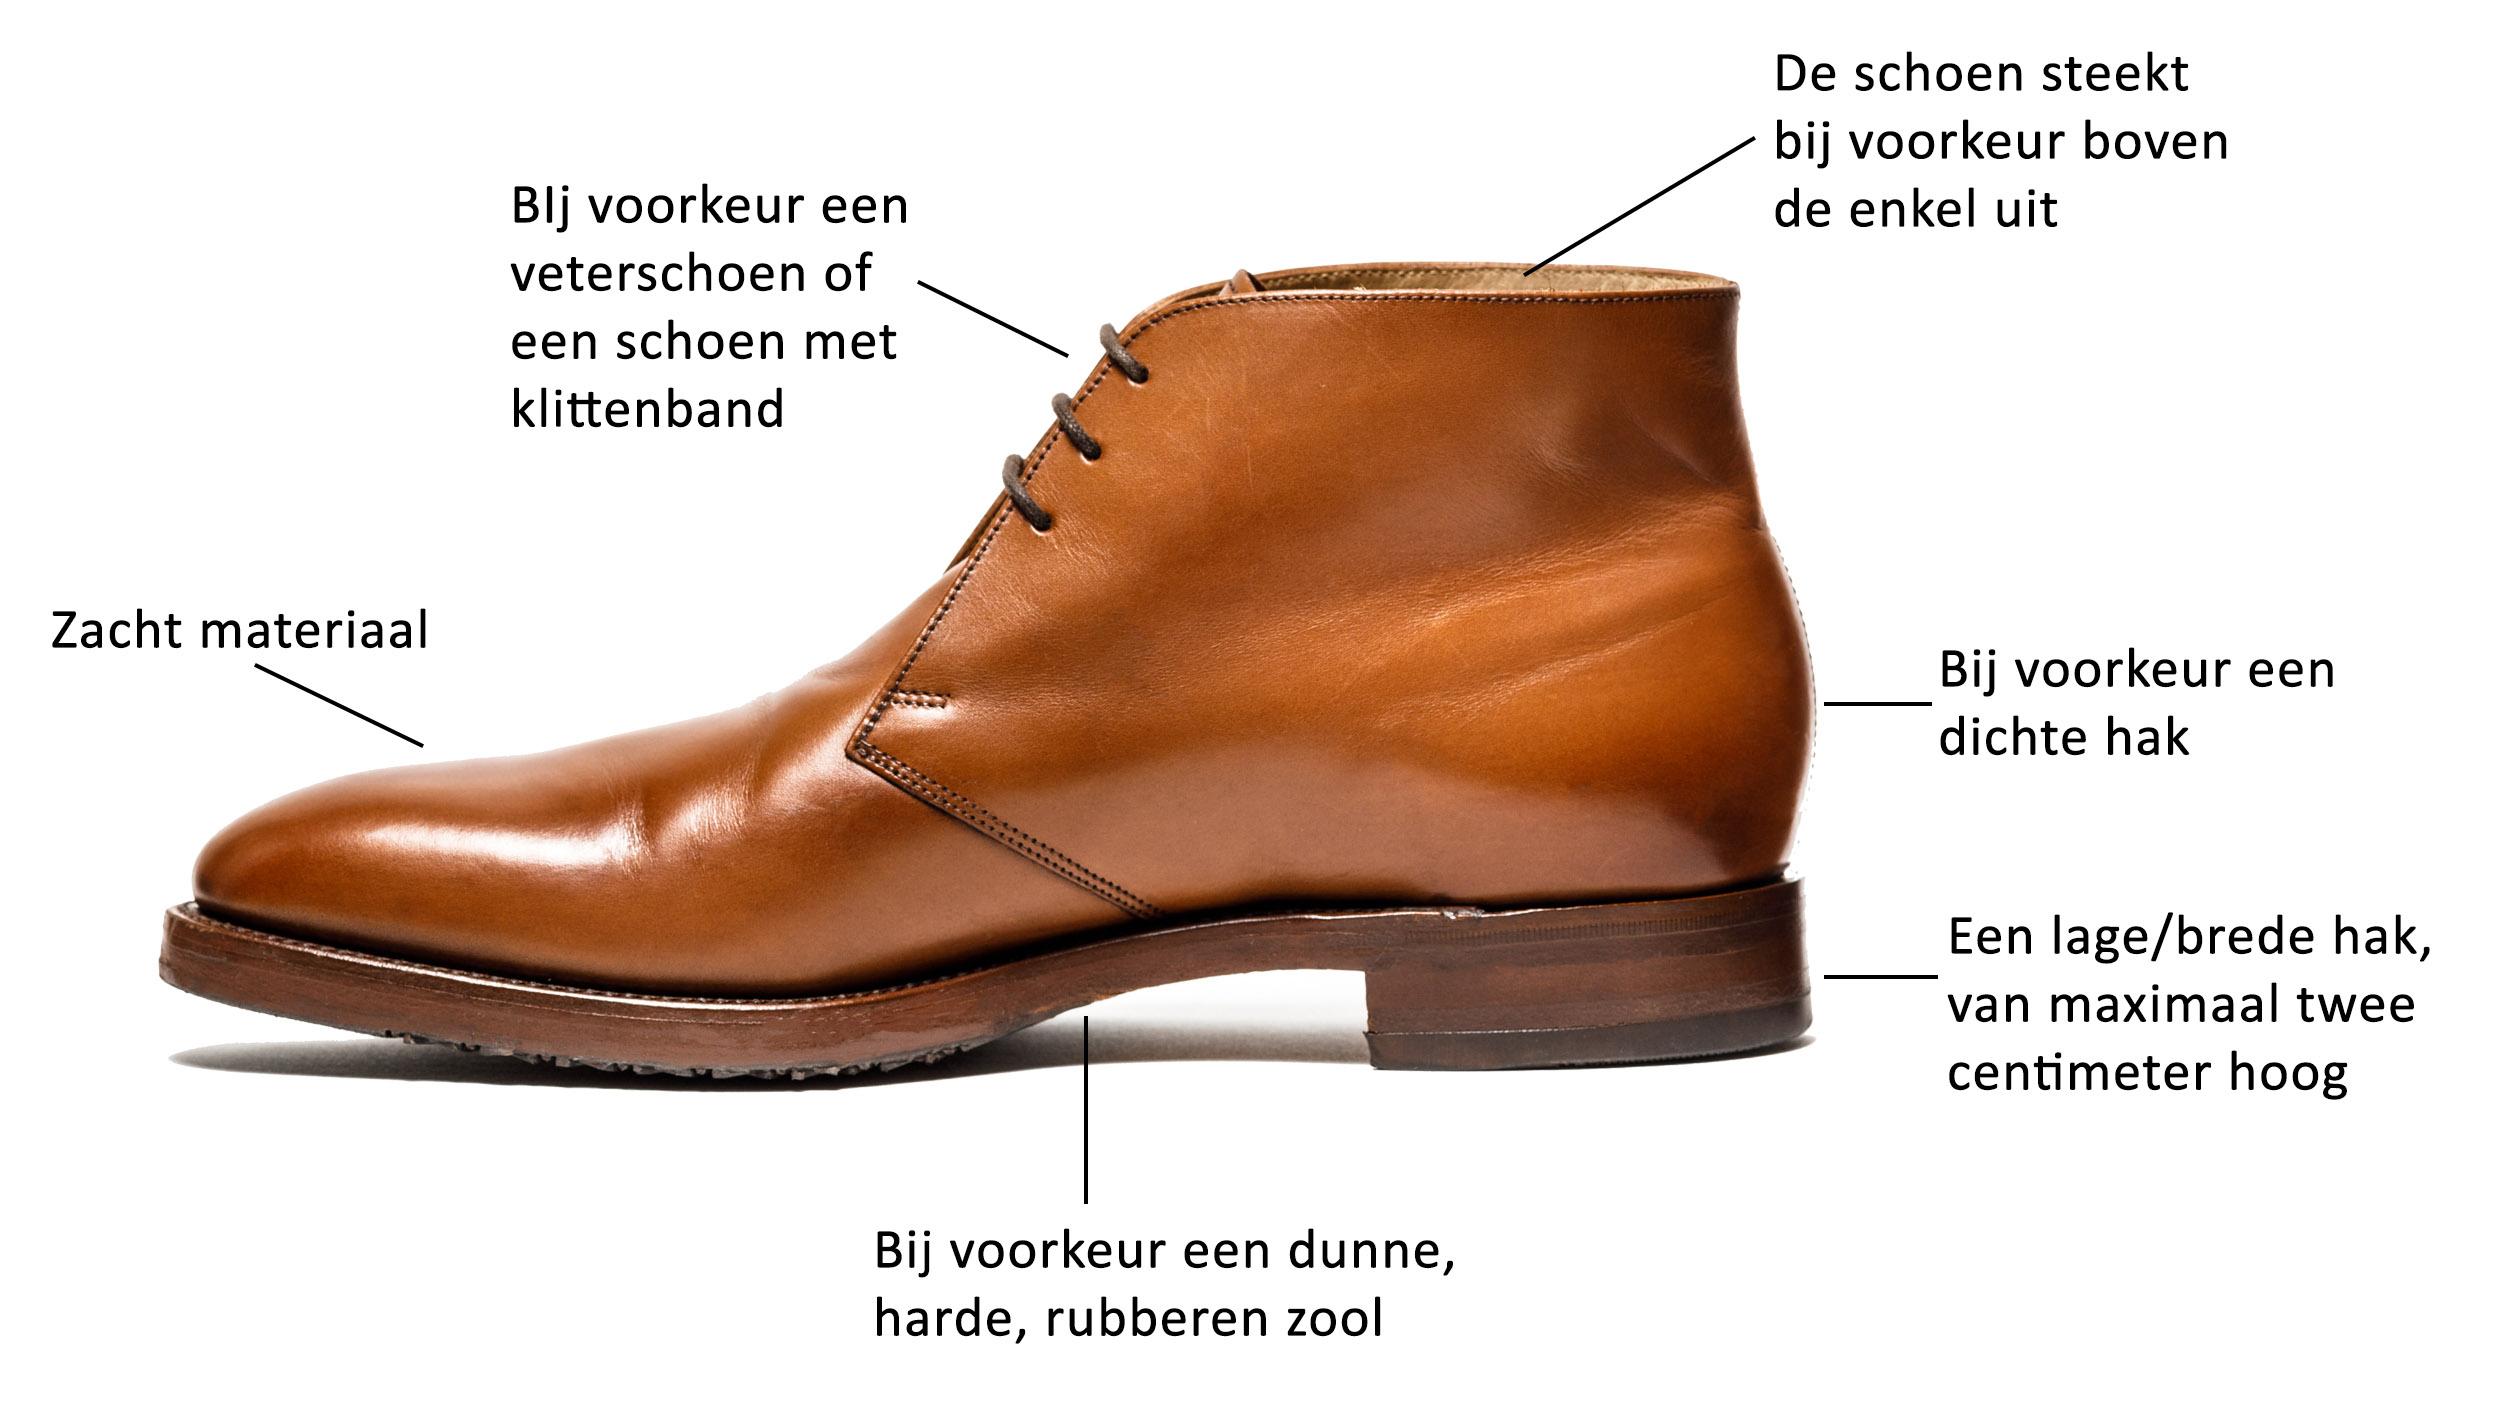 Schoen01.jpg